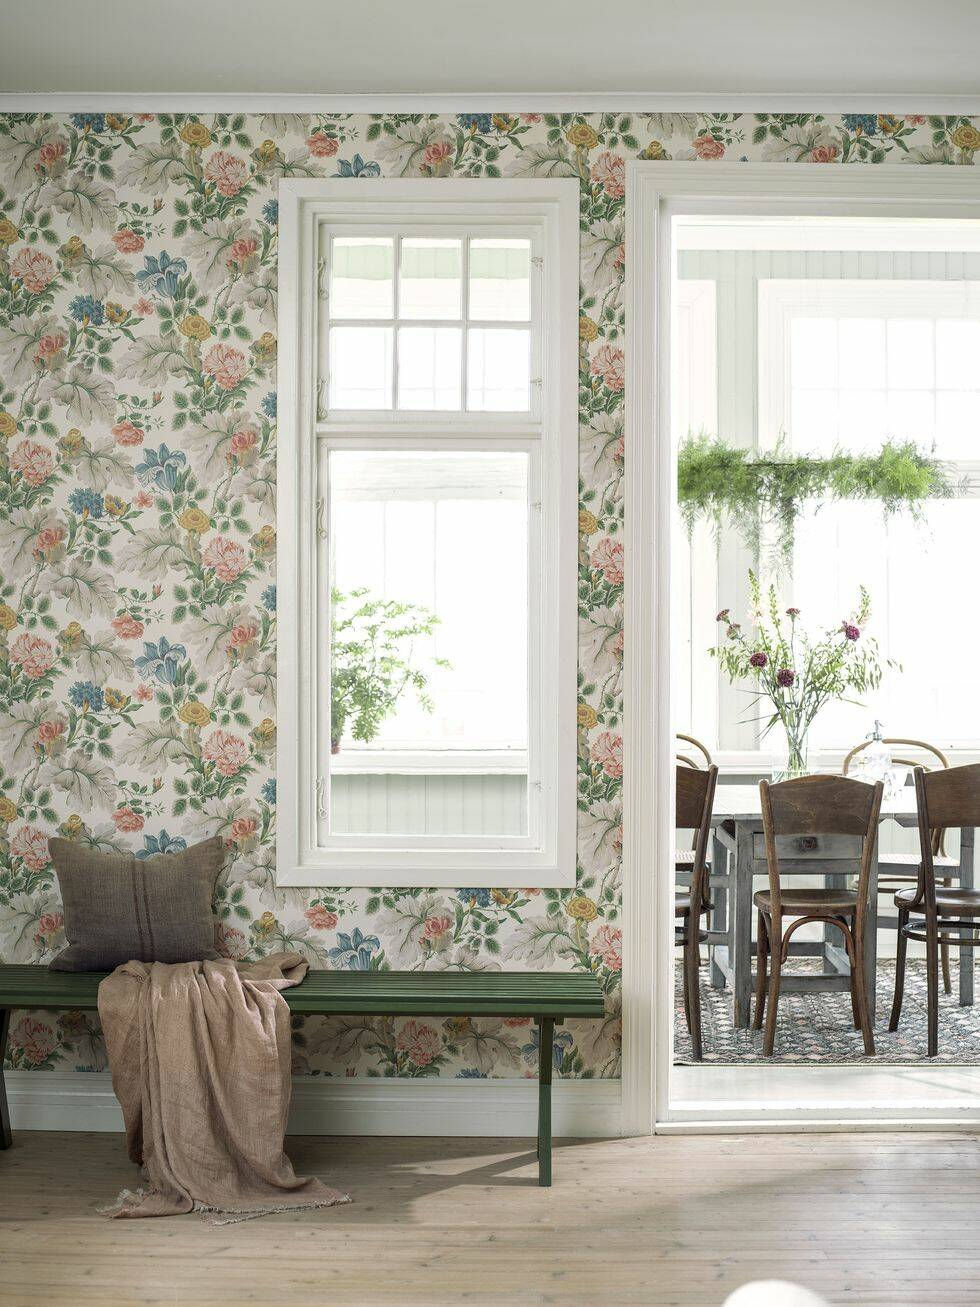 Nya romantiska trenden! Inred med blommande tyger och tapeter